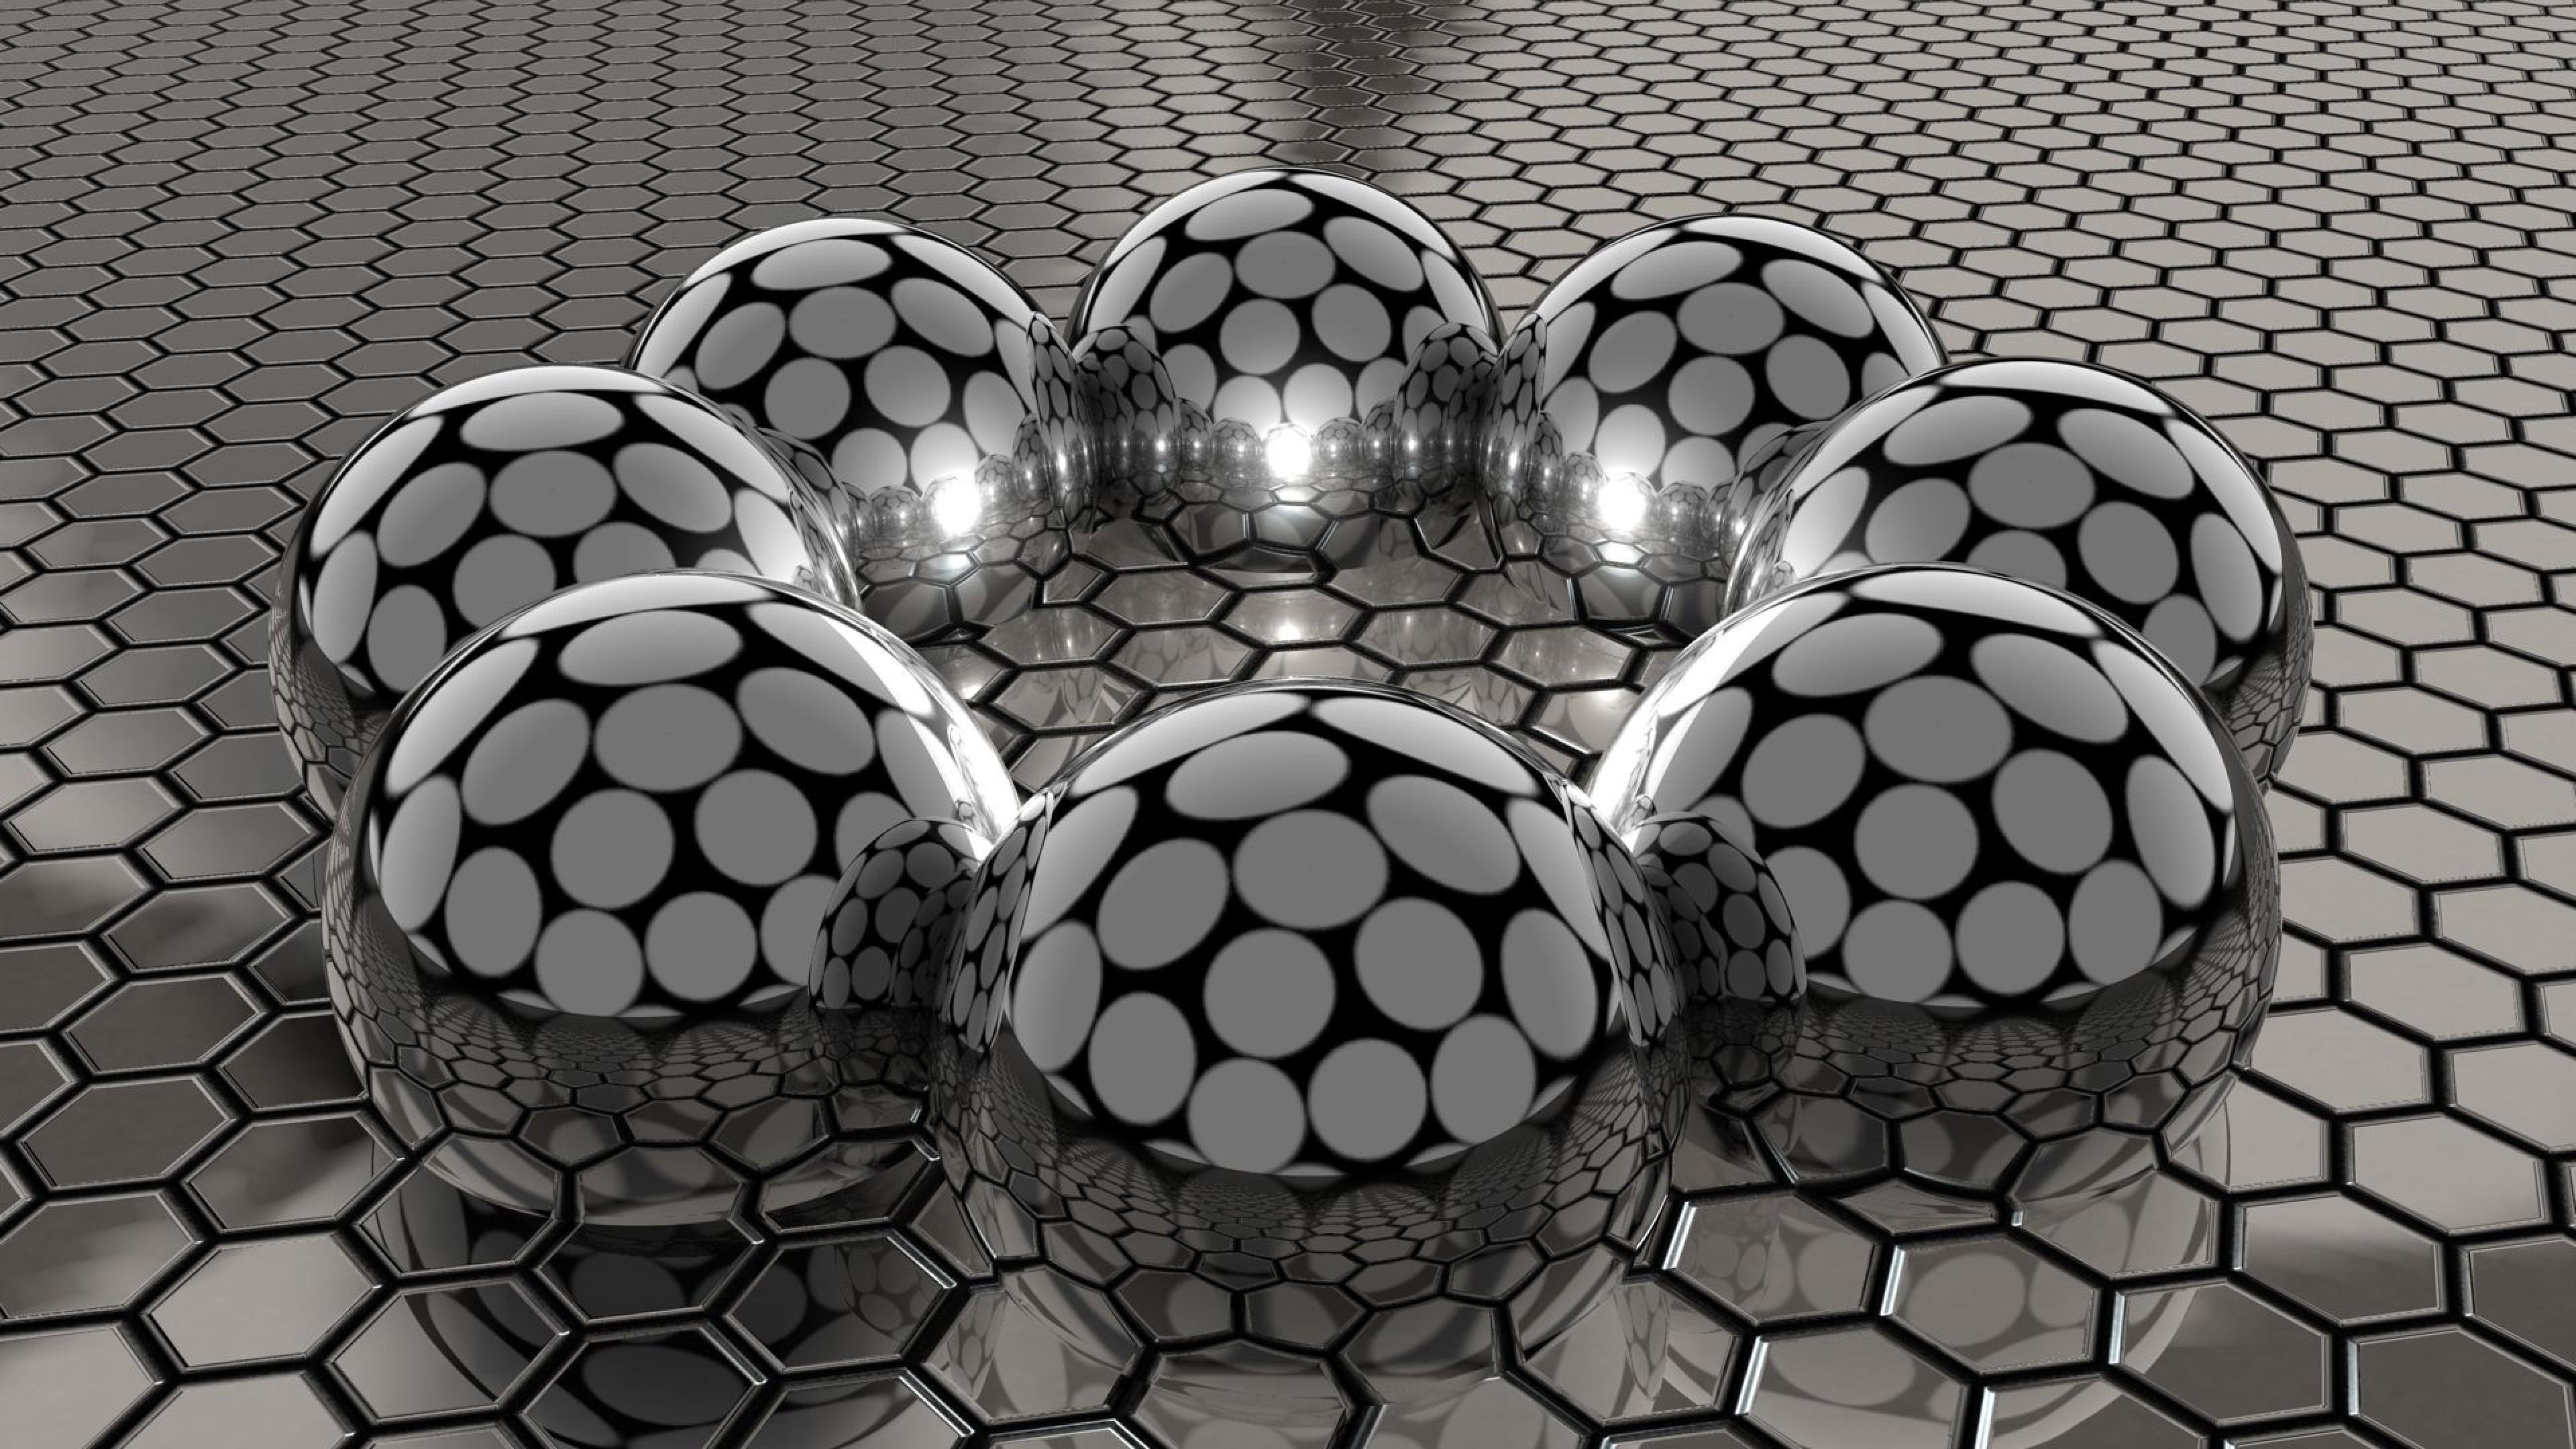 3D metal balls wallpaper